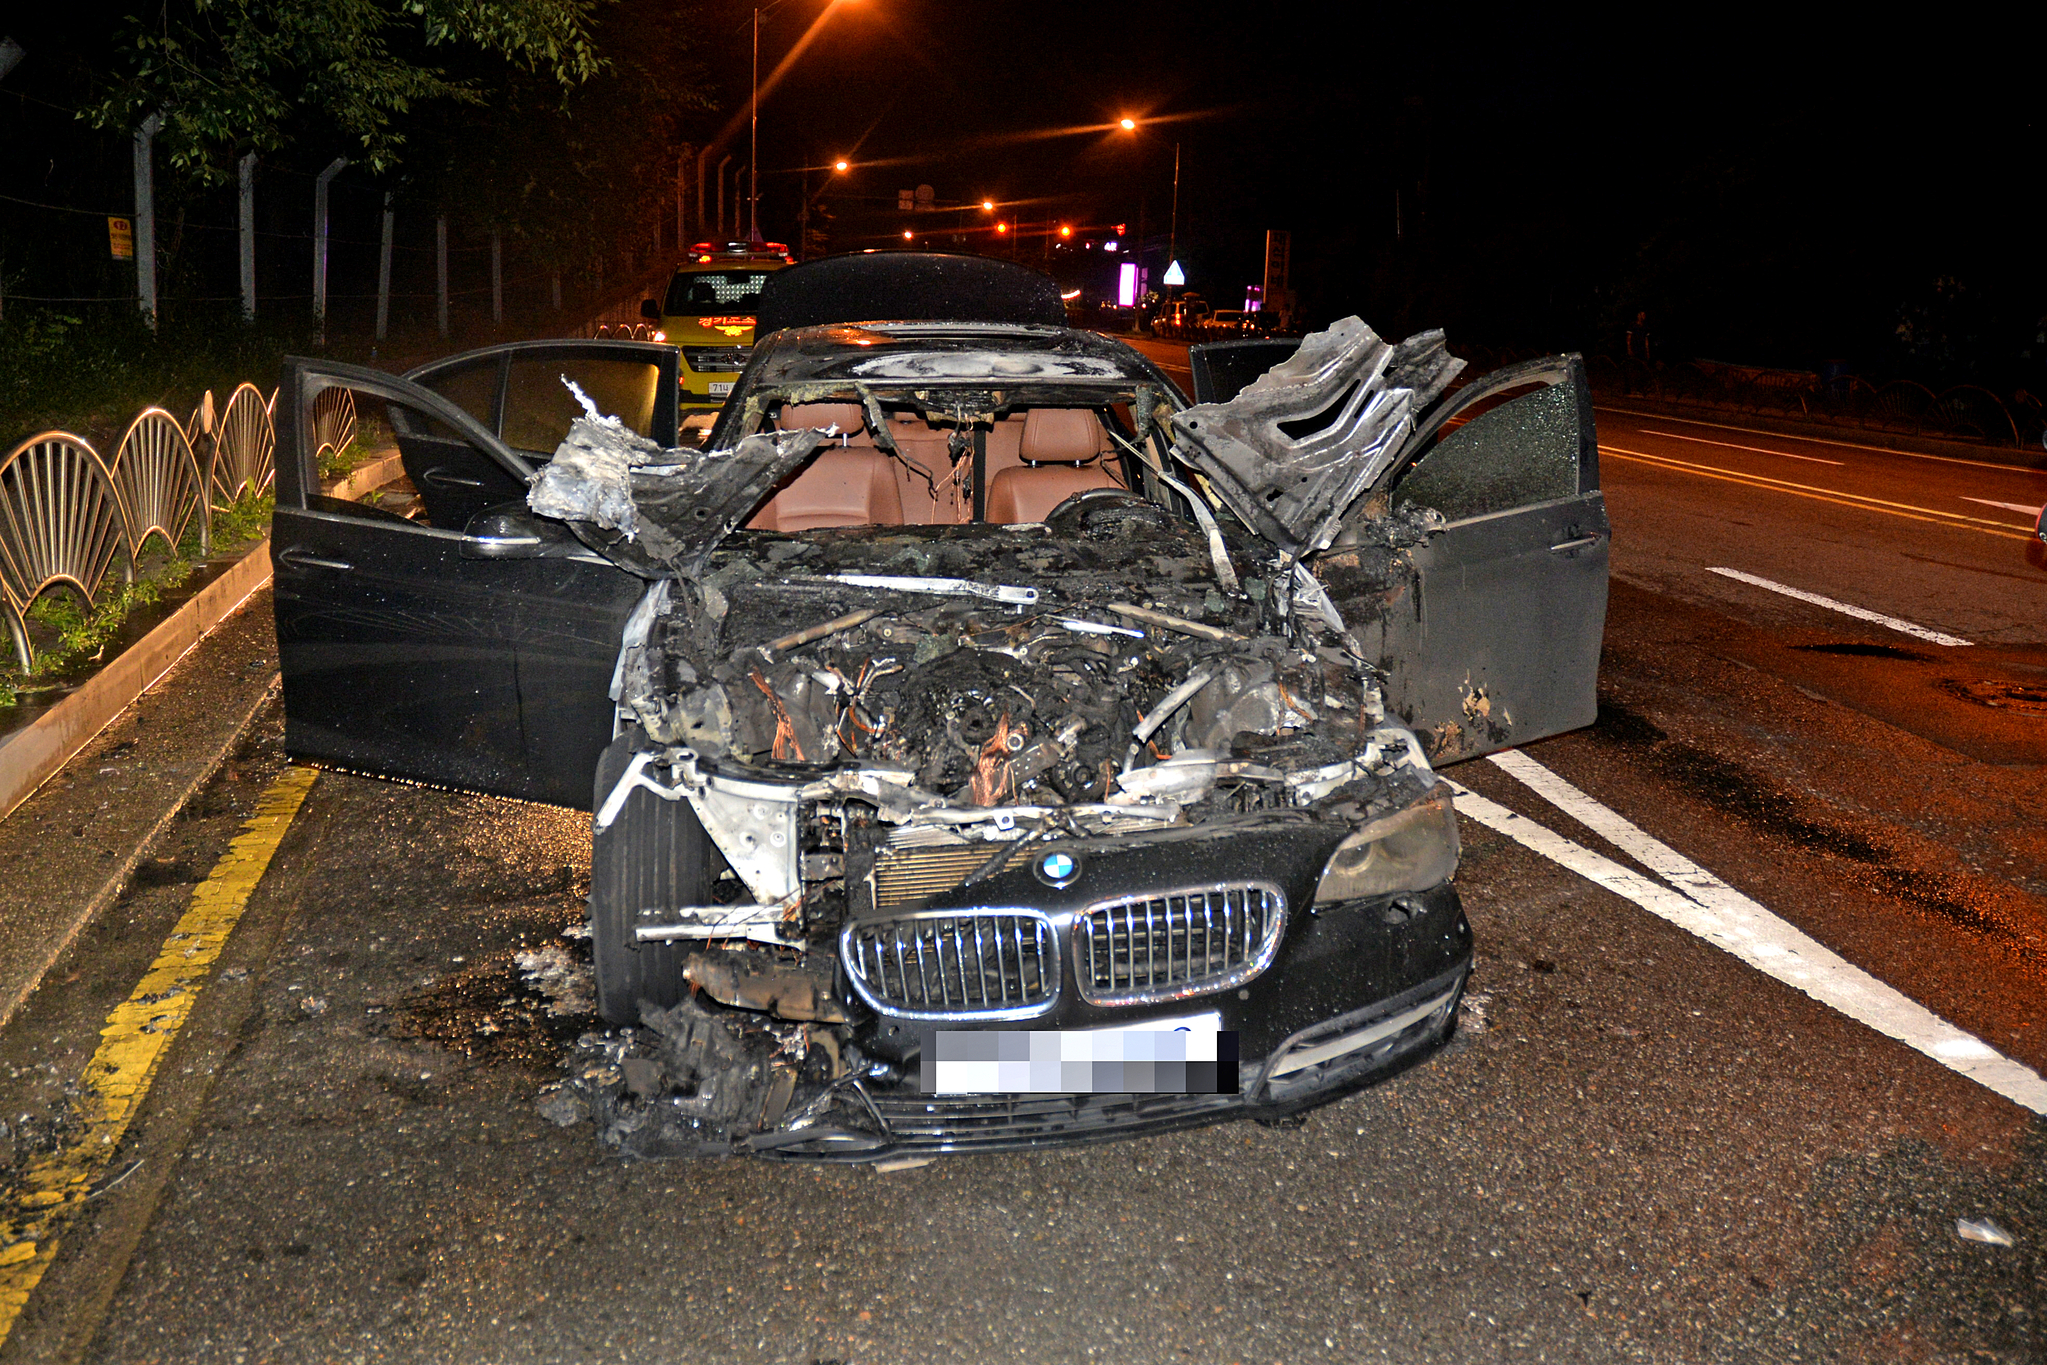 리콜 대상 BMW 자동차, 정부청사 지하주차장에 주차 금지